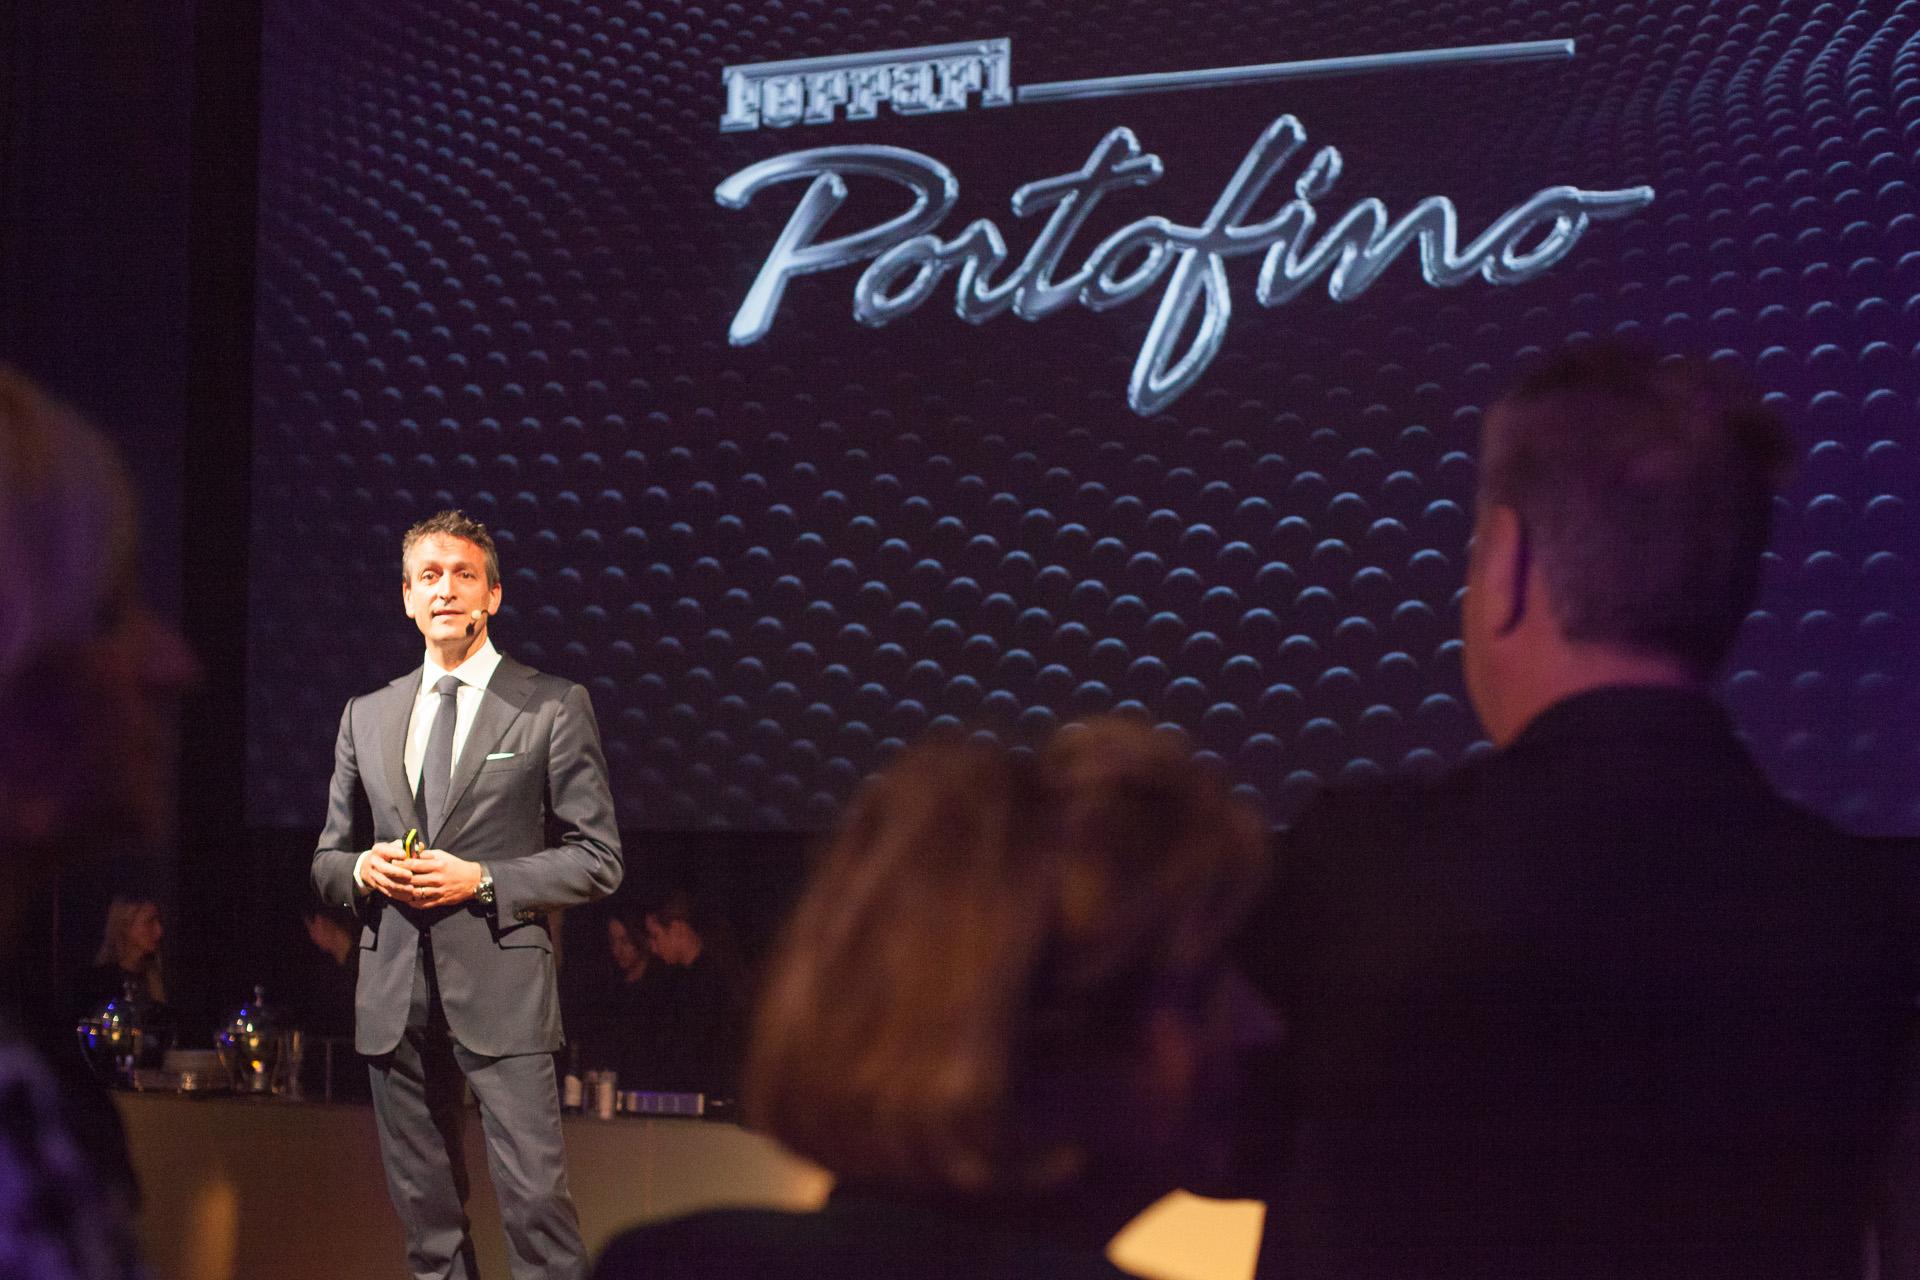 L'evento di presentazione della Ferrari Portofino